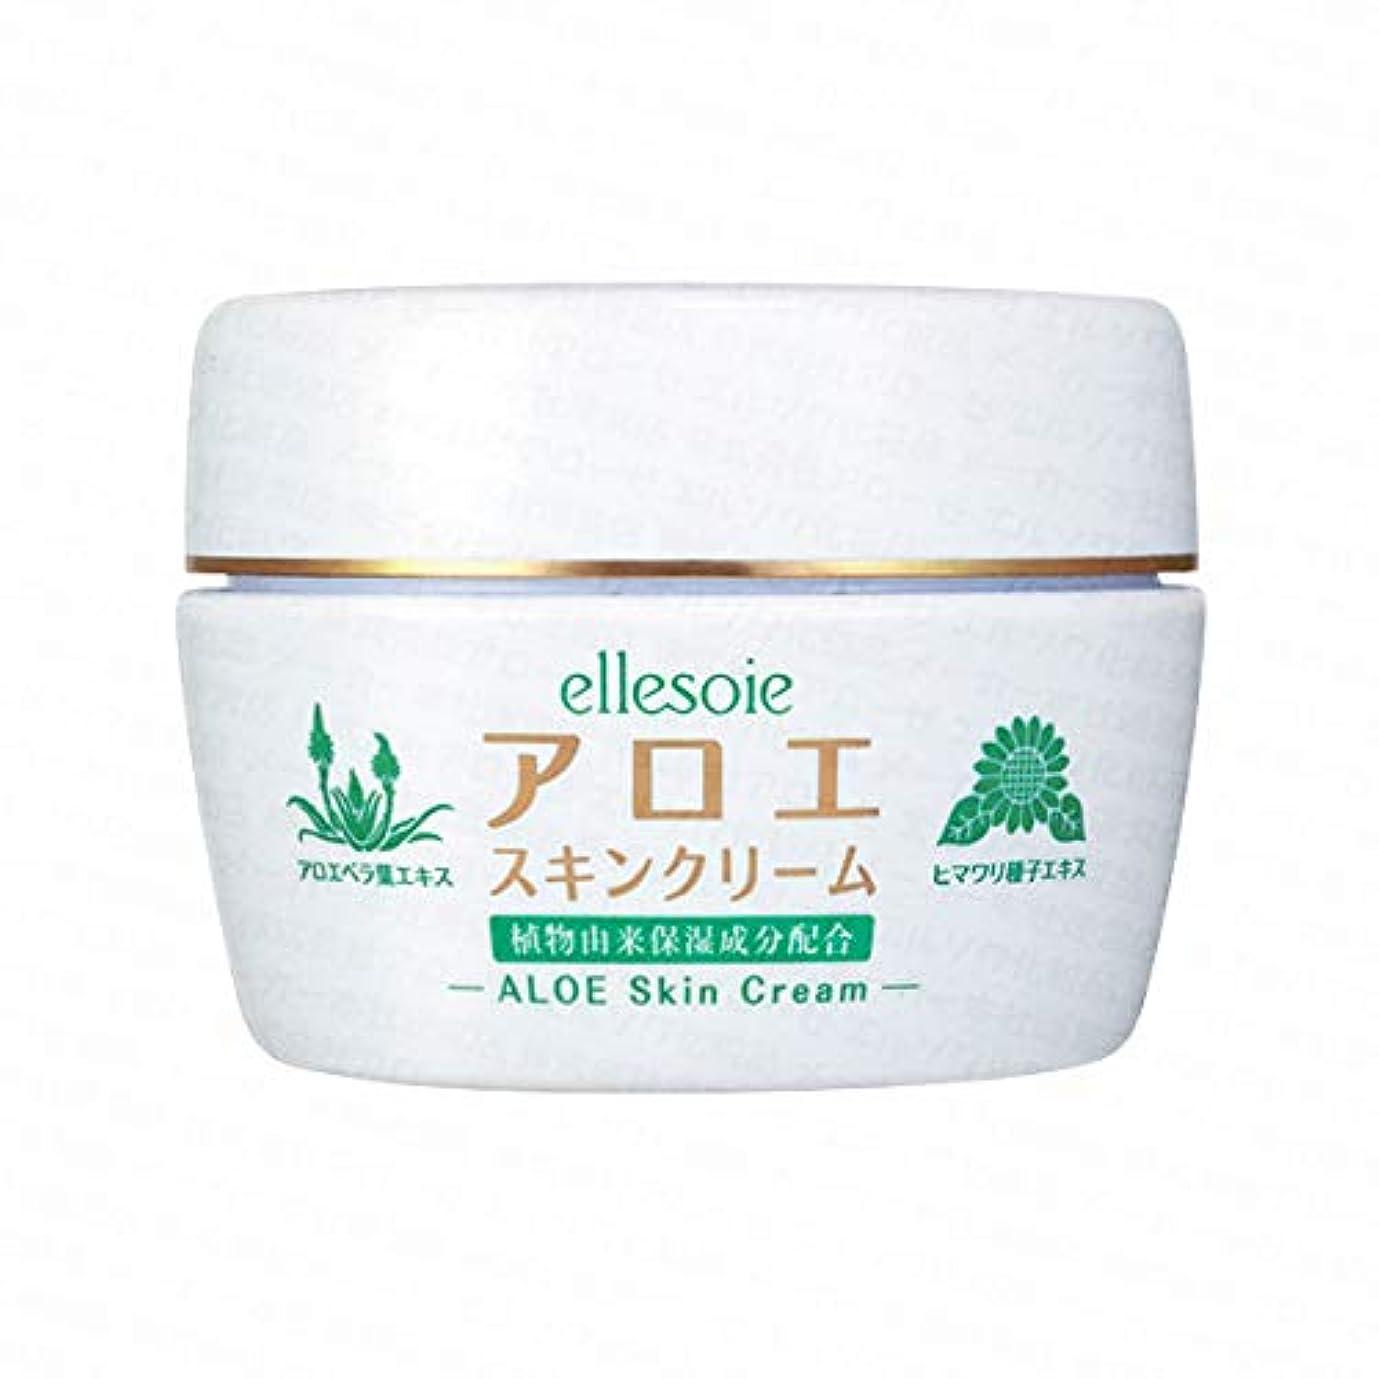 めまいが地上であたりエルソワ化粧品(ellesoie) アロエスキンクリーム 本体210g ボディ用保湿クリーム